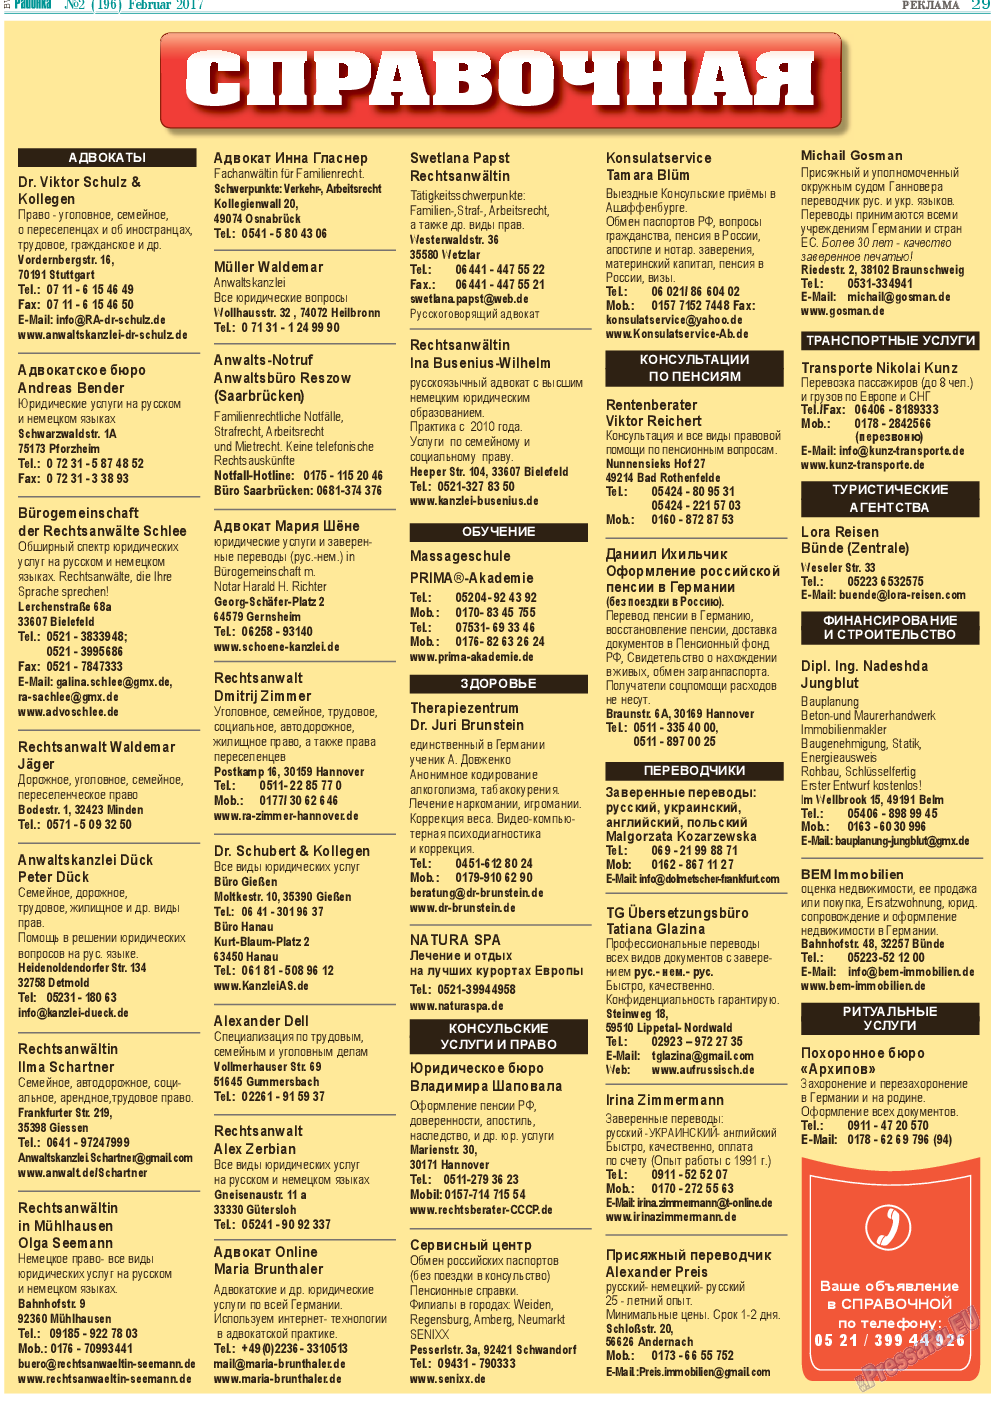 Районка-West (газета). 2017 год, номер 2, стр. 29